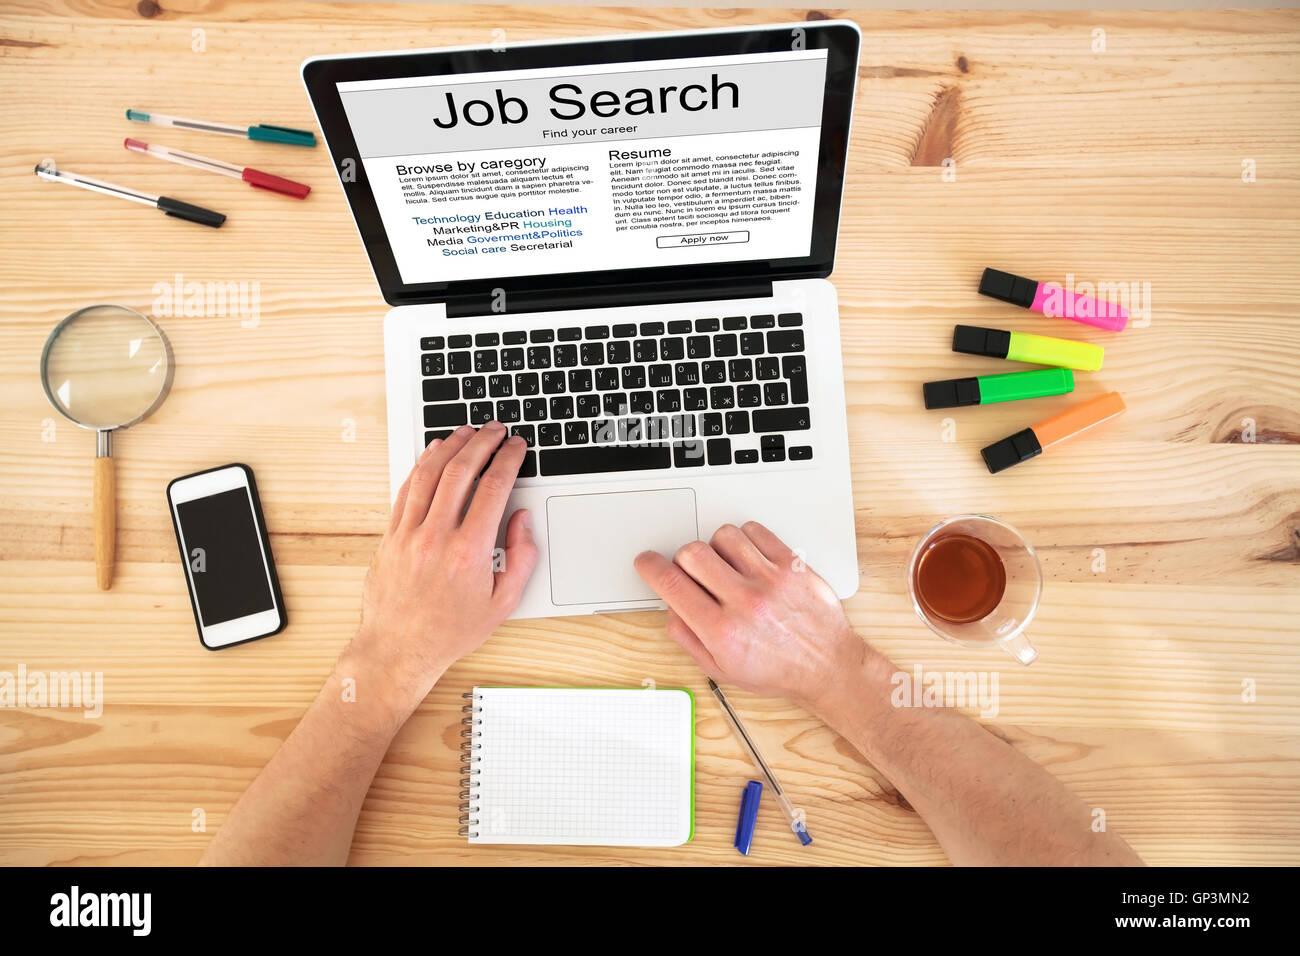 Buscar trabajo en internet, encontrar carrera Imagen De Stock